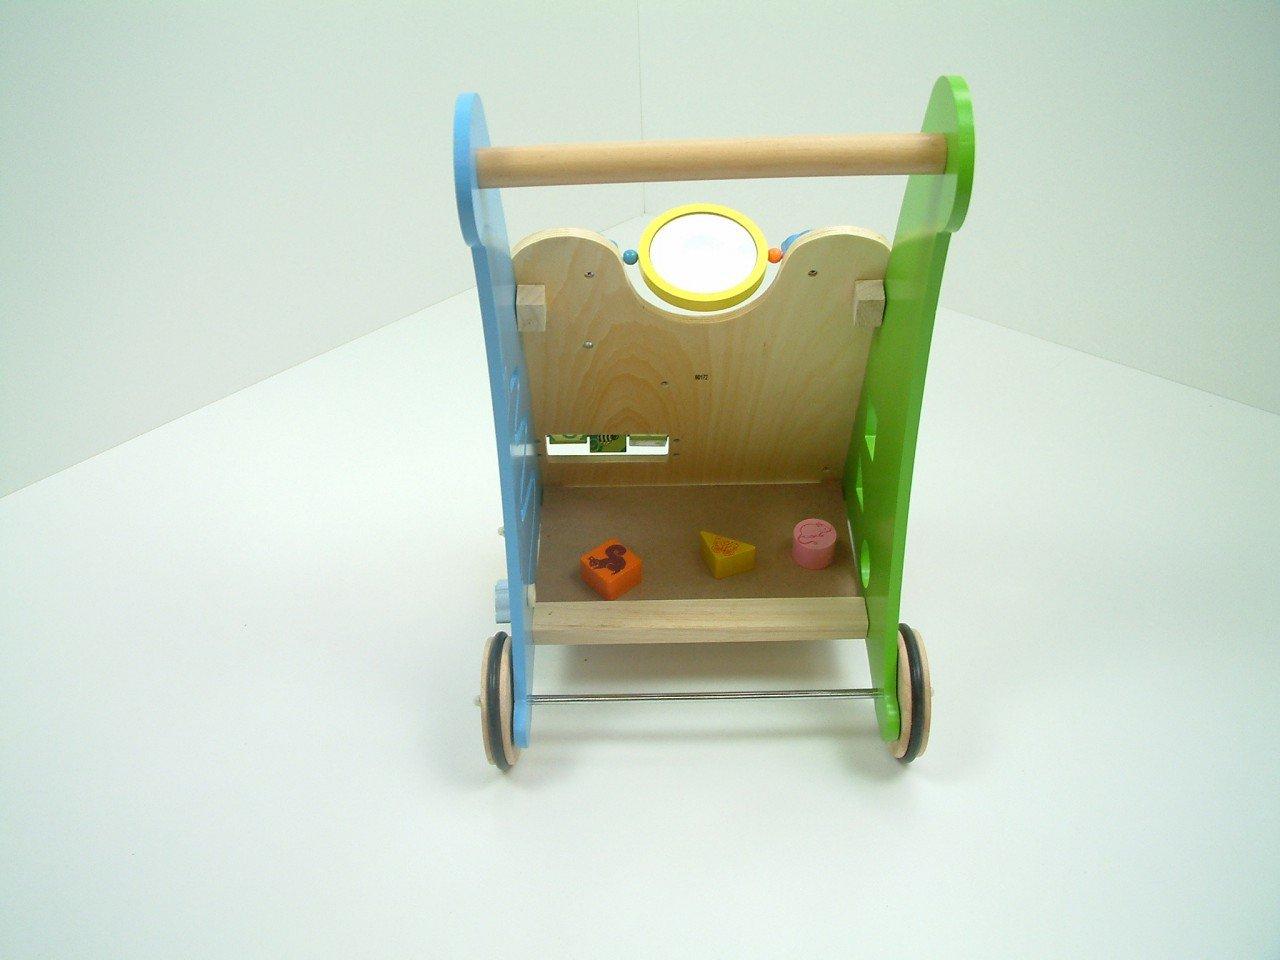 33 cm breit Ma/ße ab 1 Jahr Material 50 cm hoch Gewicht Lauflernwagen mit Motorikspielen ca 3,9 kg Unbekannt Activity Walker Holz